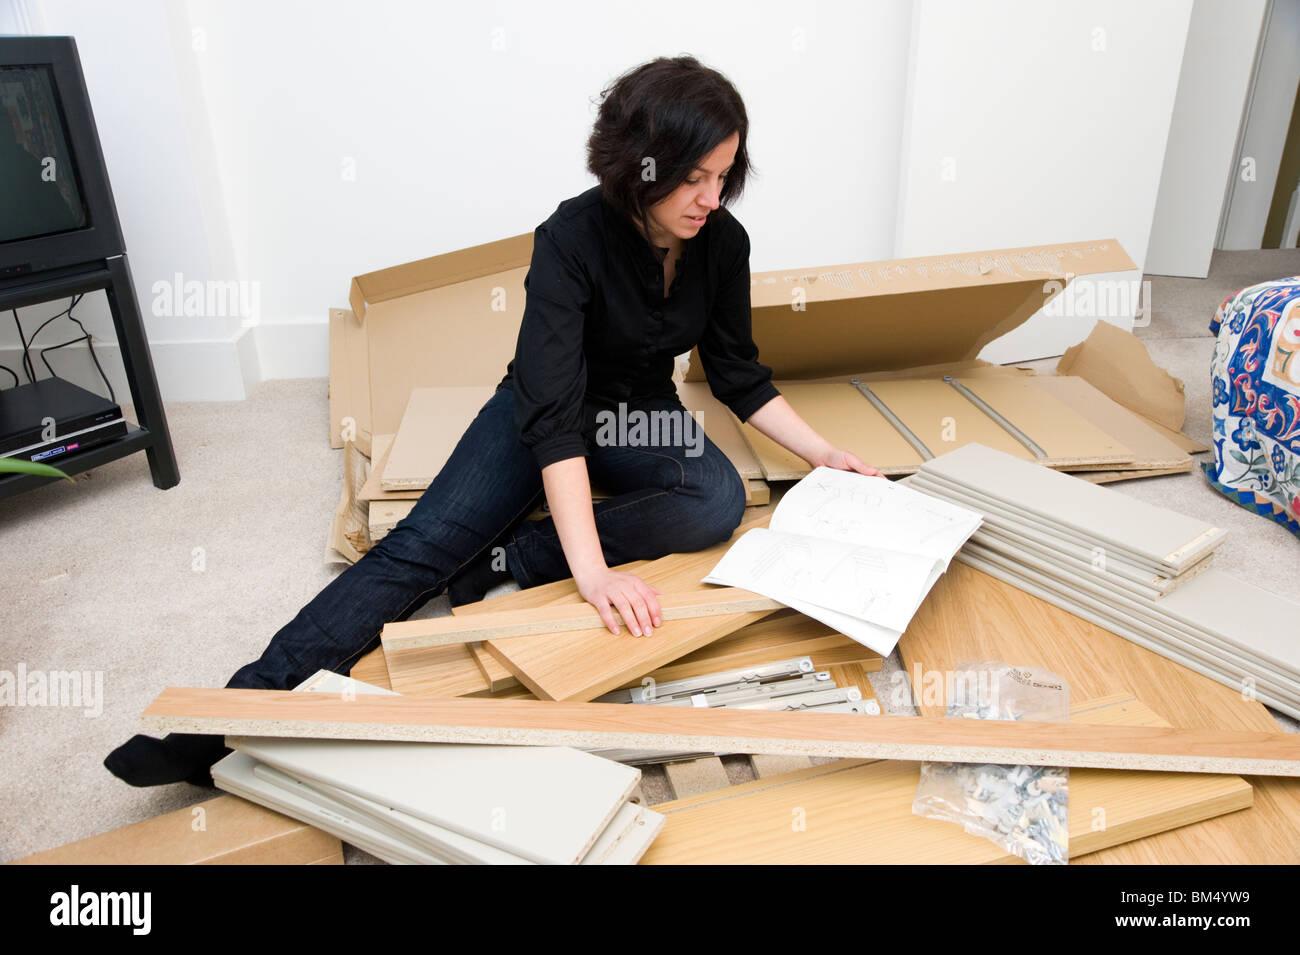 Frau Montage Ikea Flachgehäuse Möbel, England, UK Stockbild